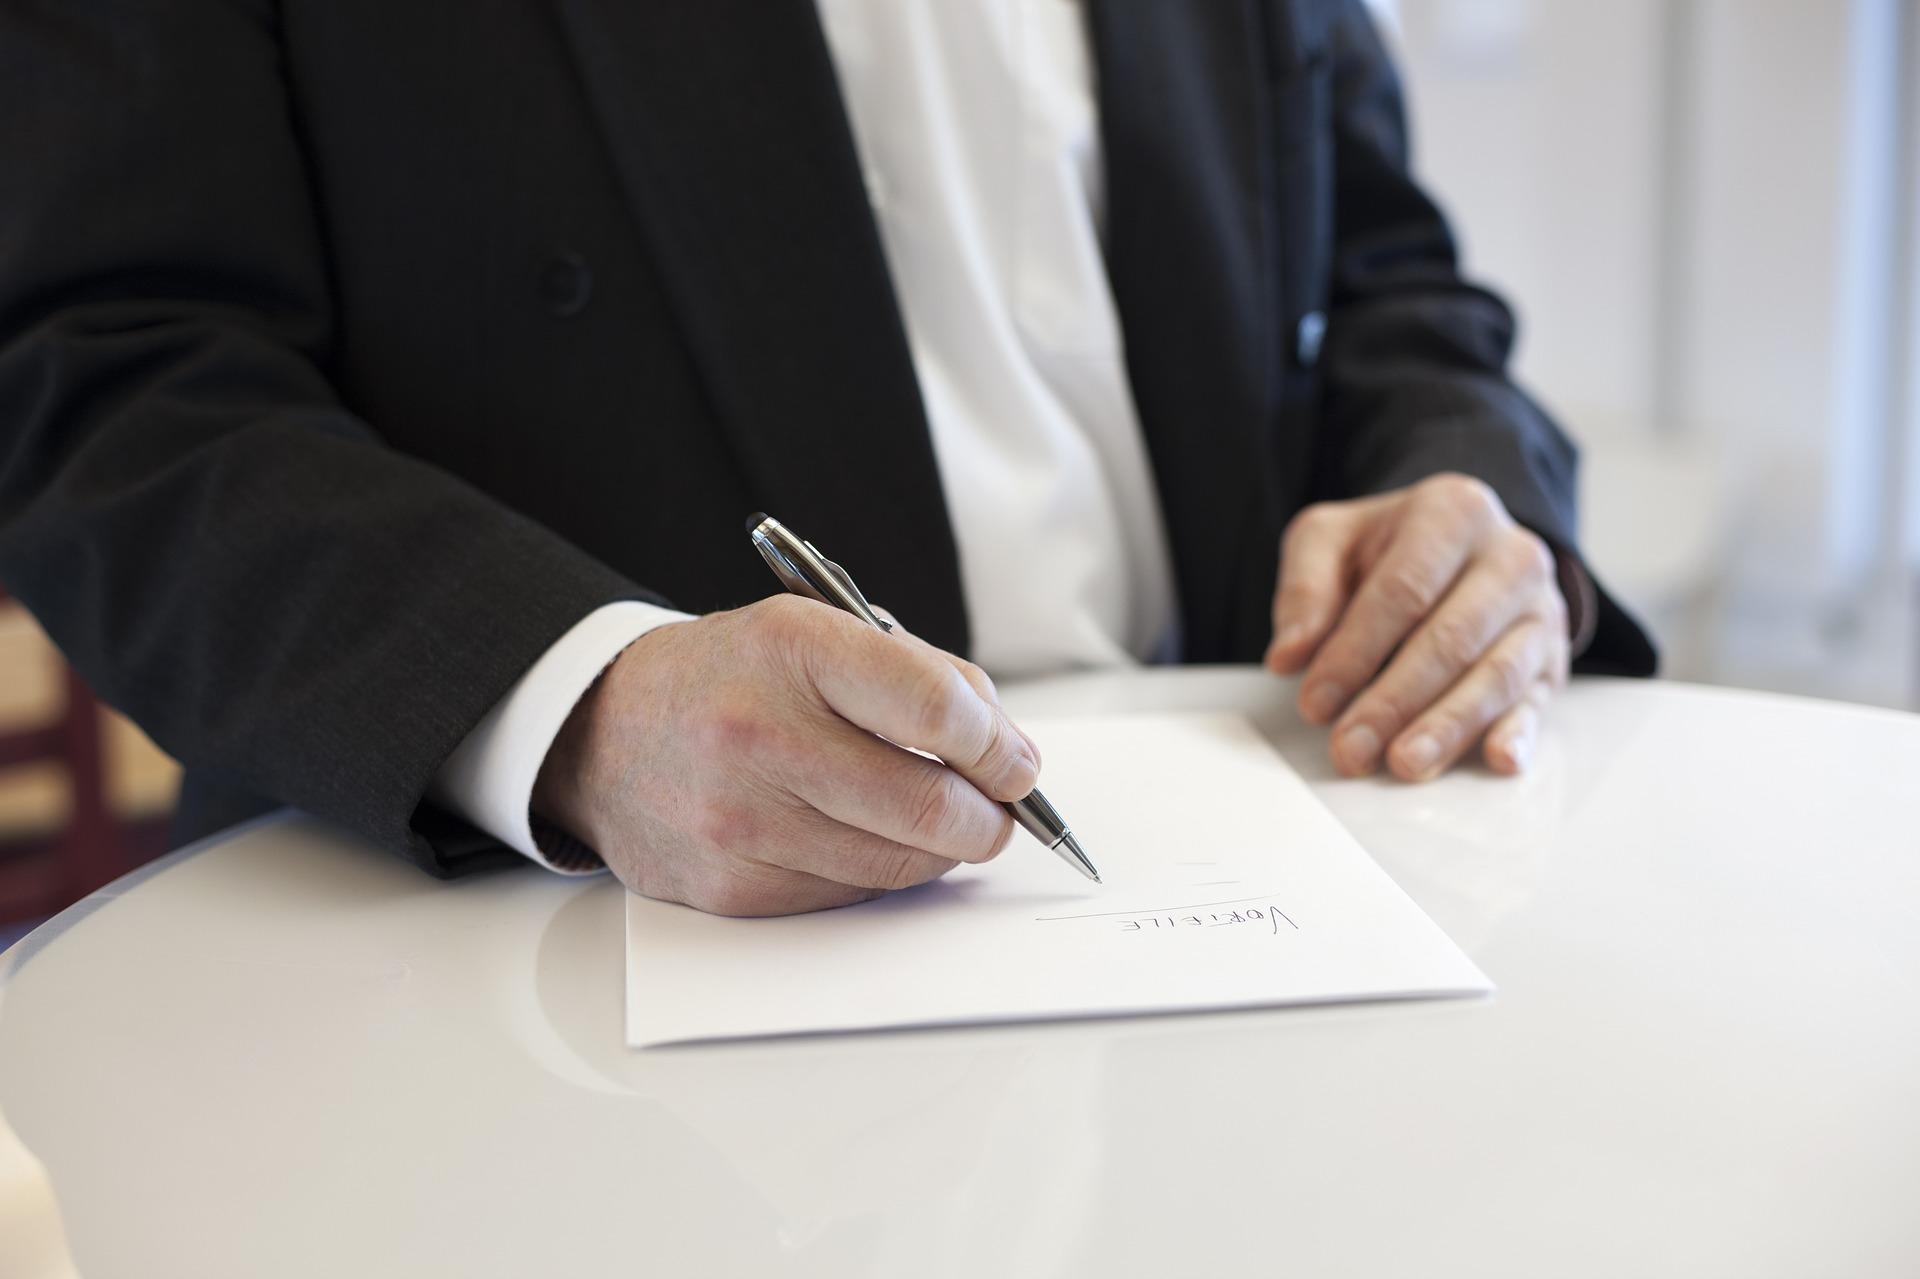 Legge 104, i permessi sul lavoro: come funzionano